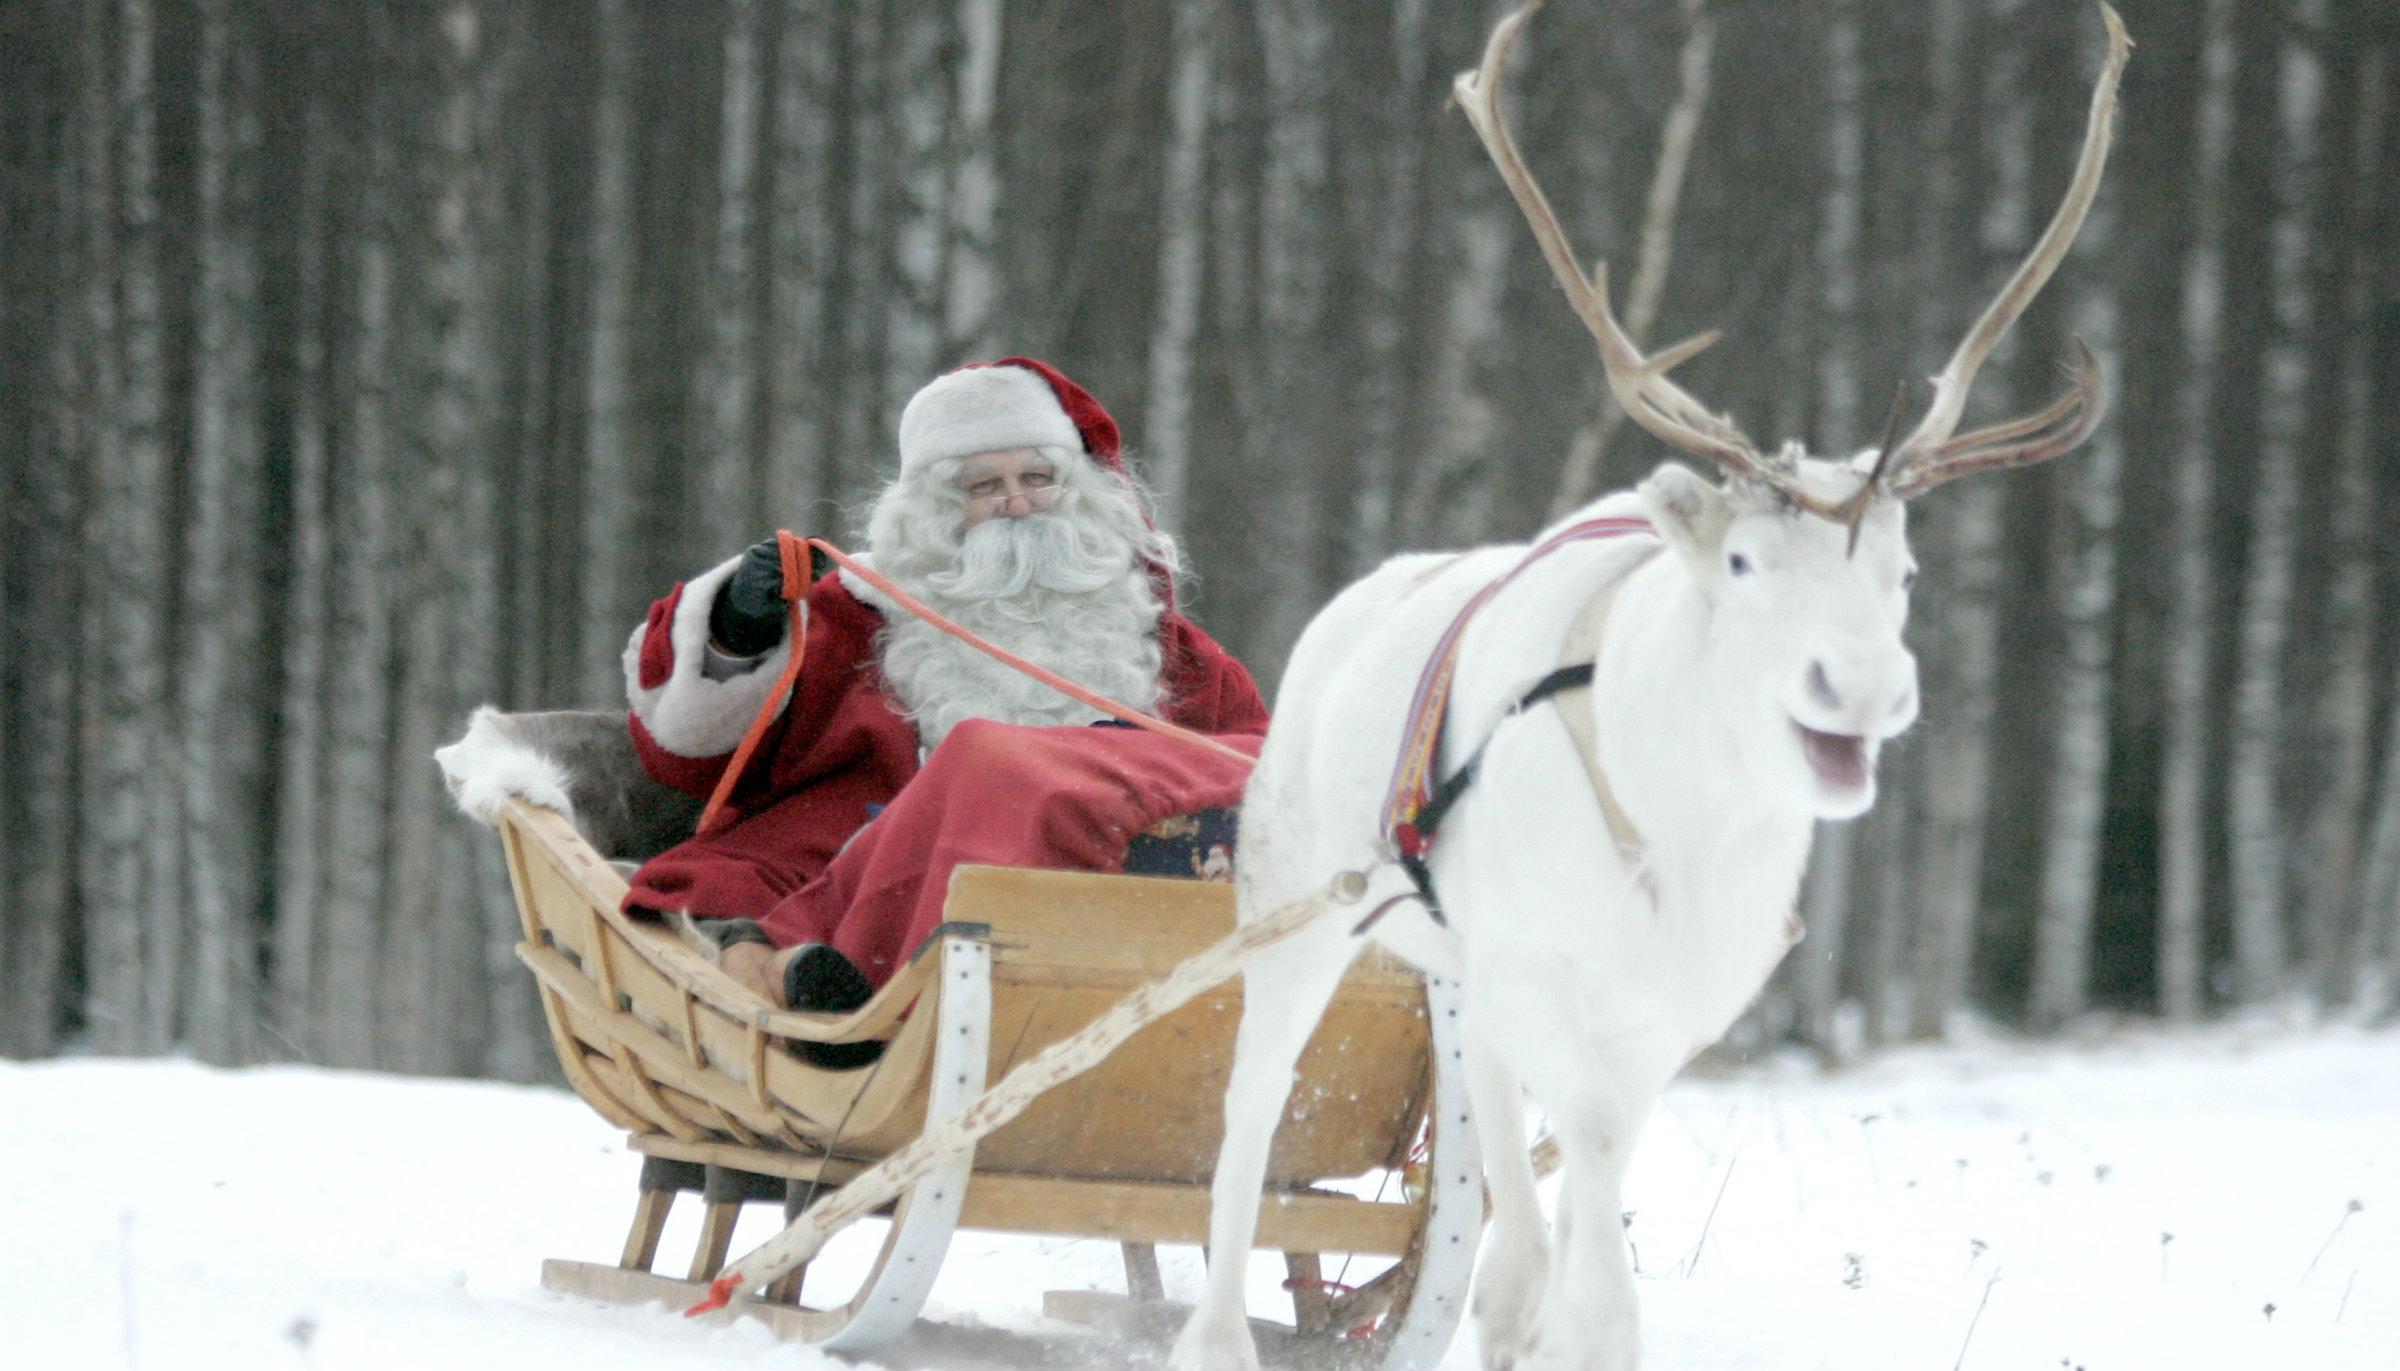 santa in lapland - Pictures Santa Claus